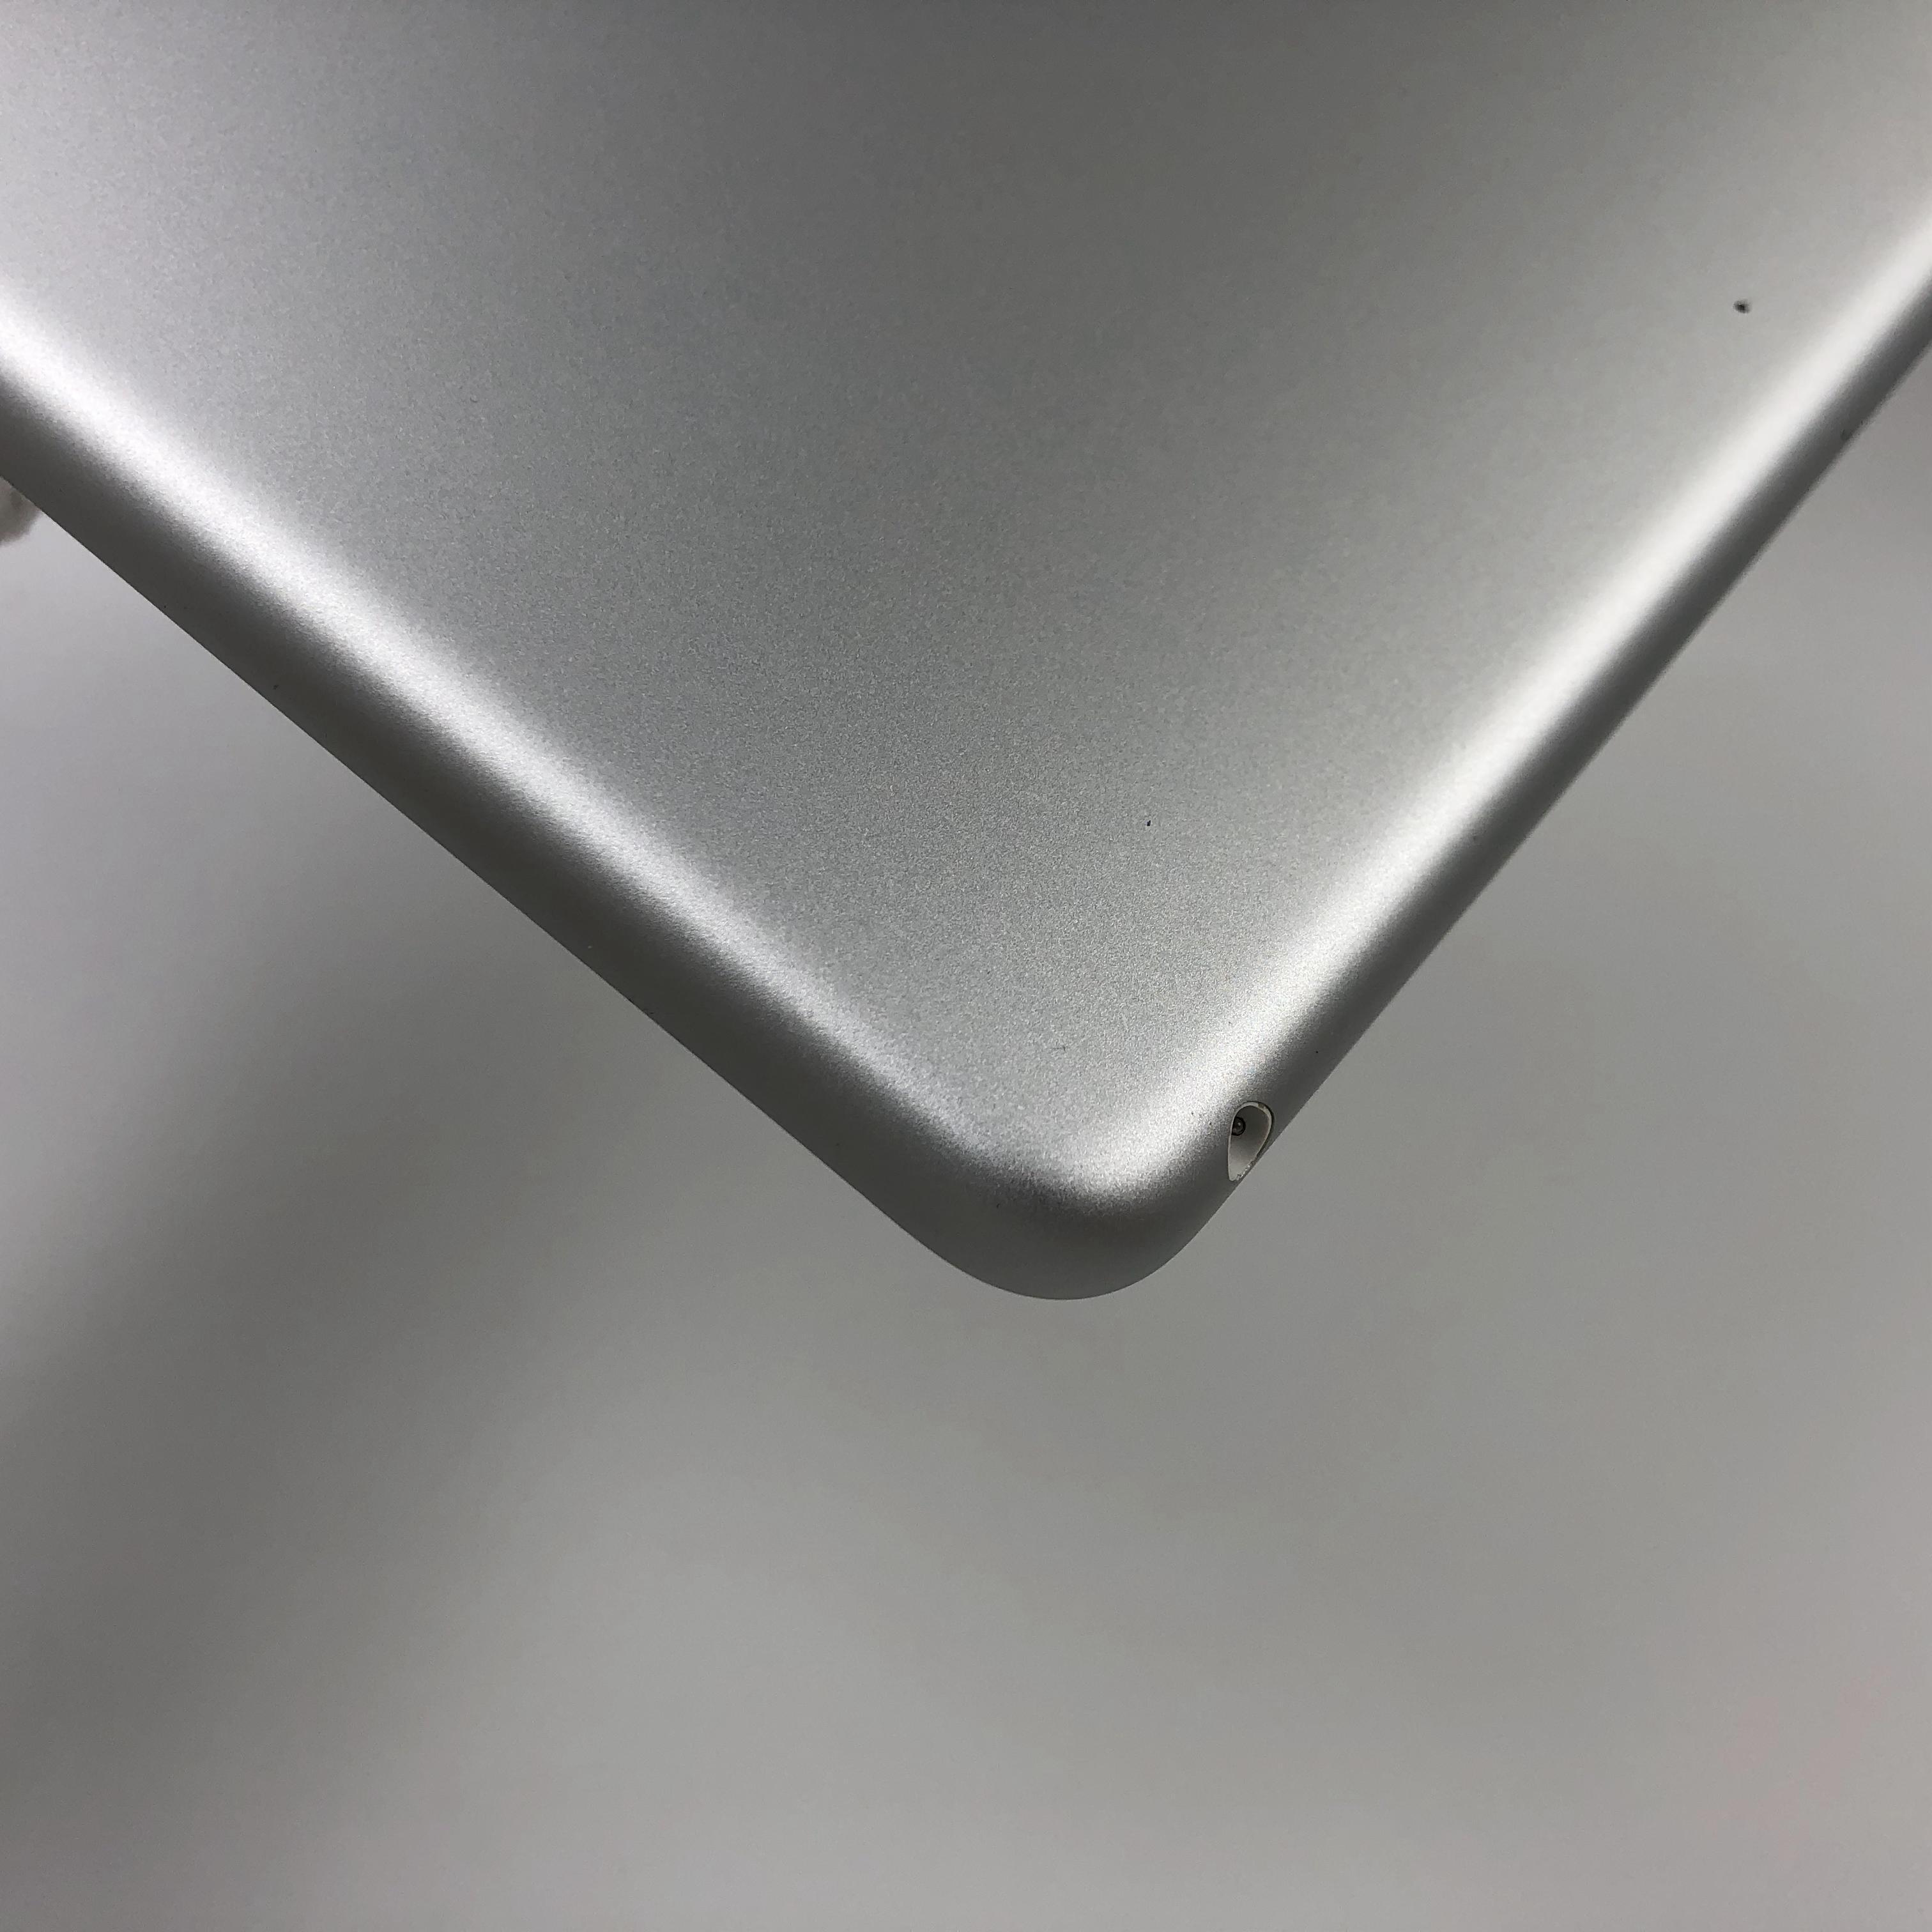 苹果【iPad8 10.2英寸 20款】WIFI版 银色 32G 国行 99新 真机实拍